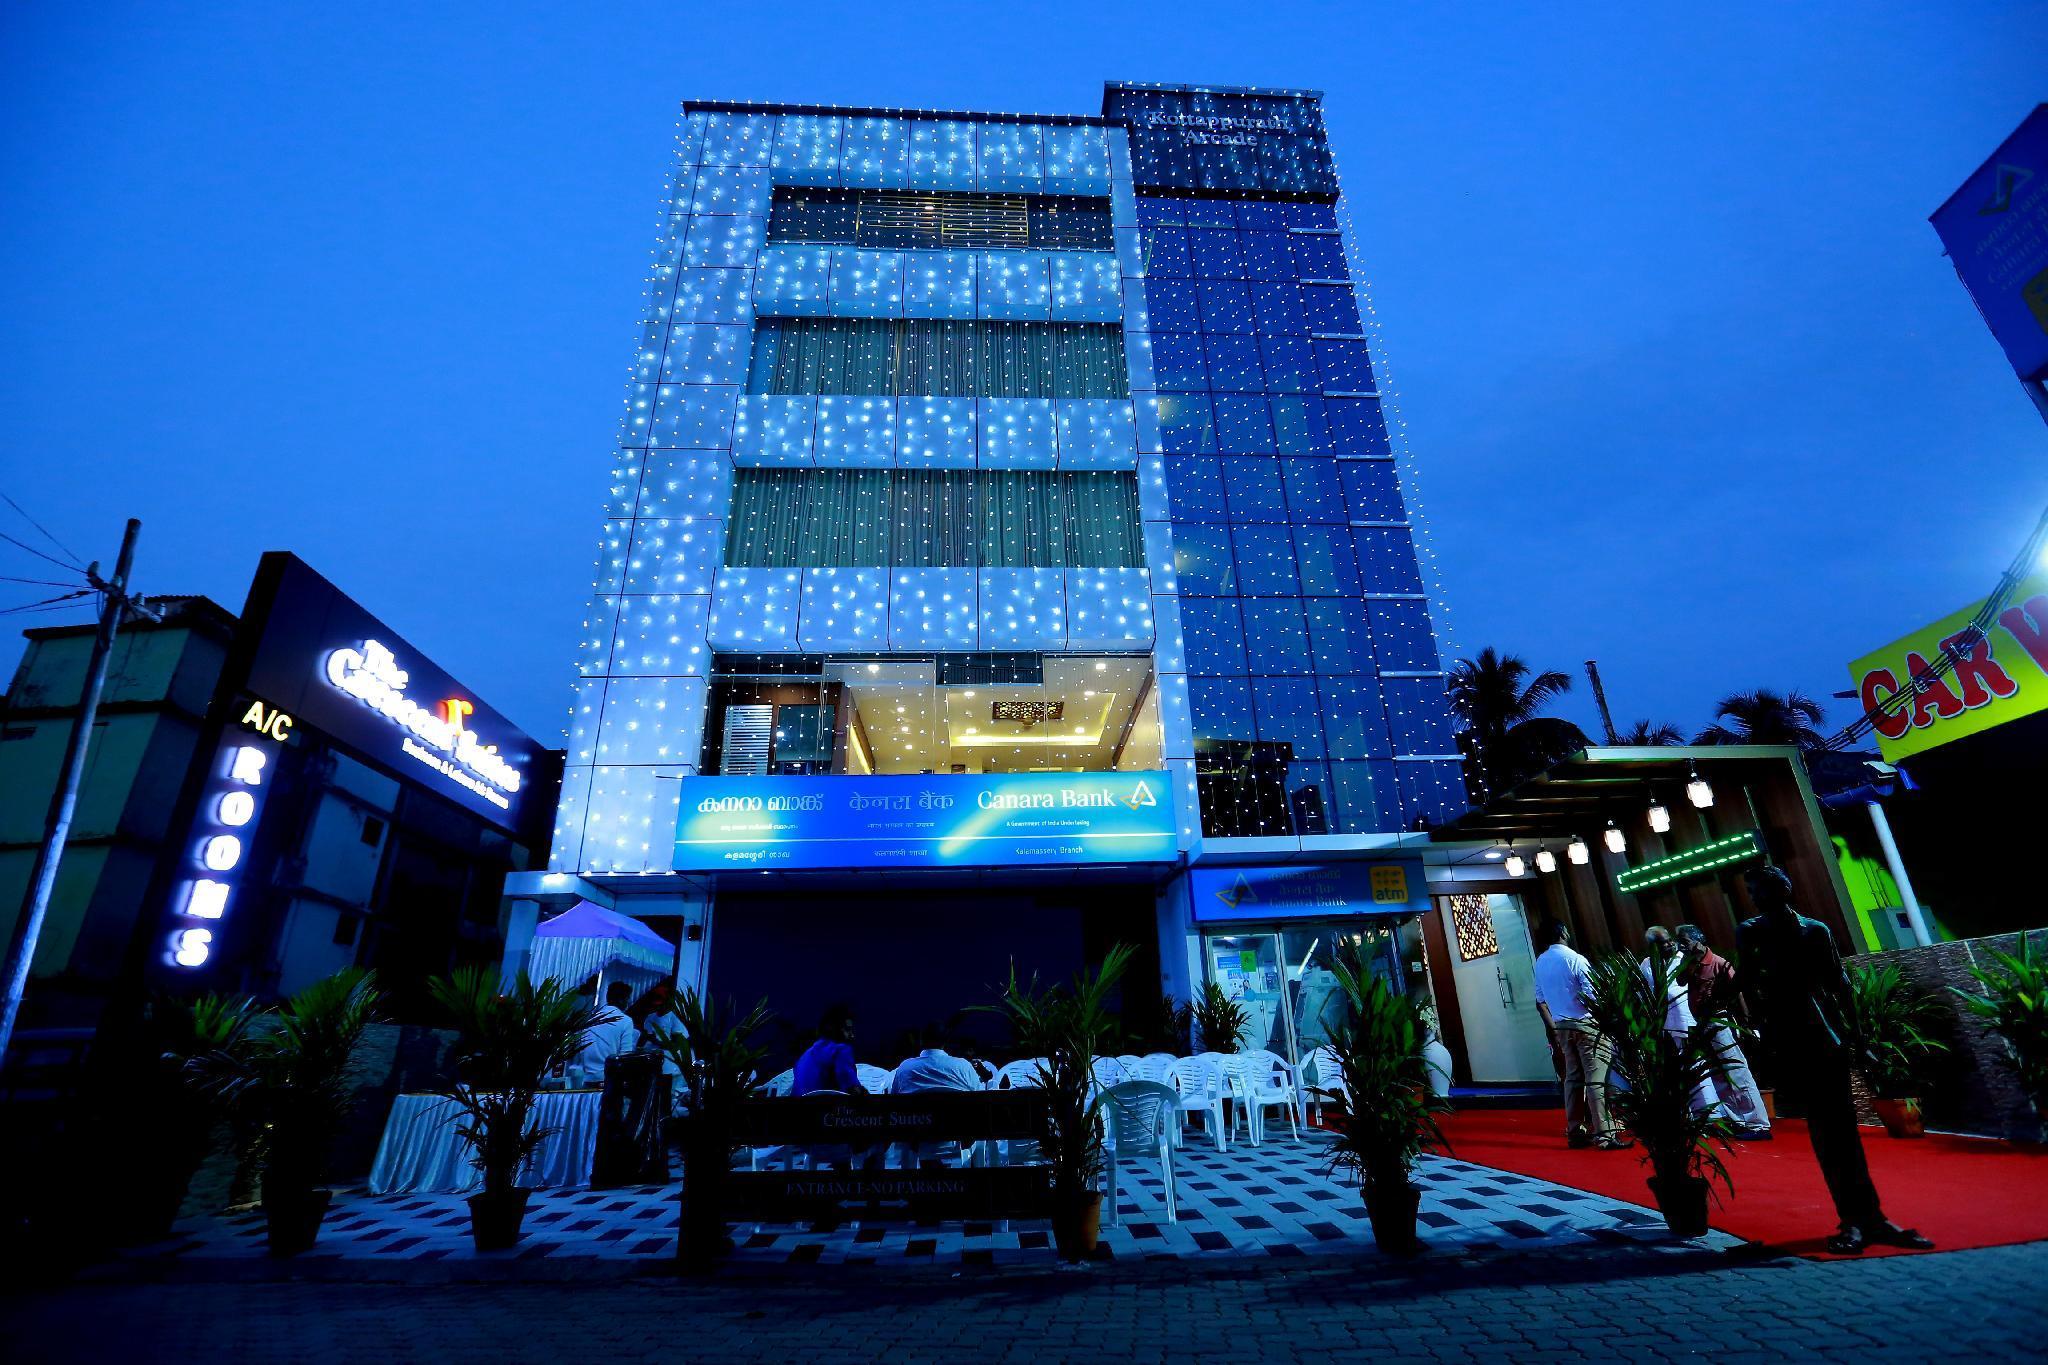 The Crescent Suites Hotel